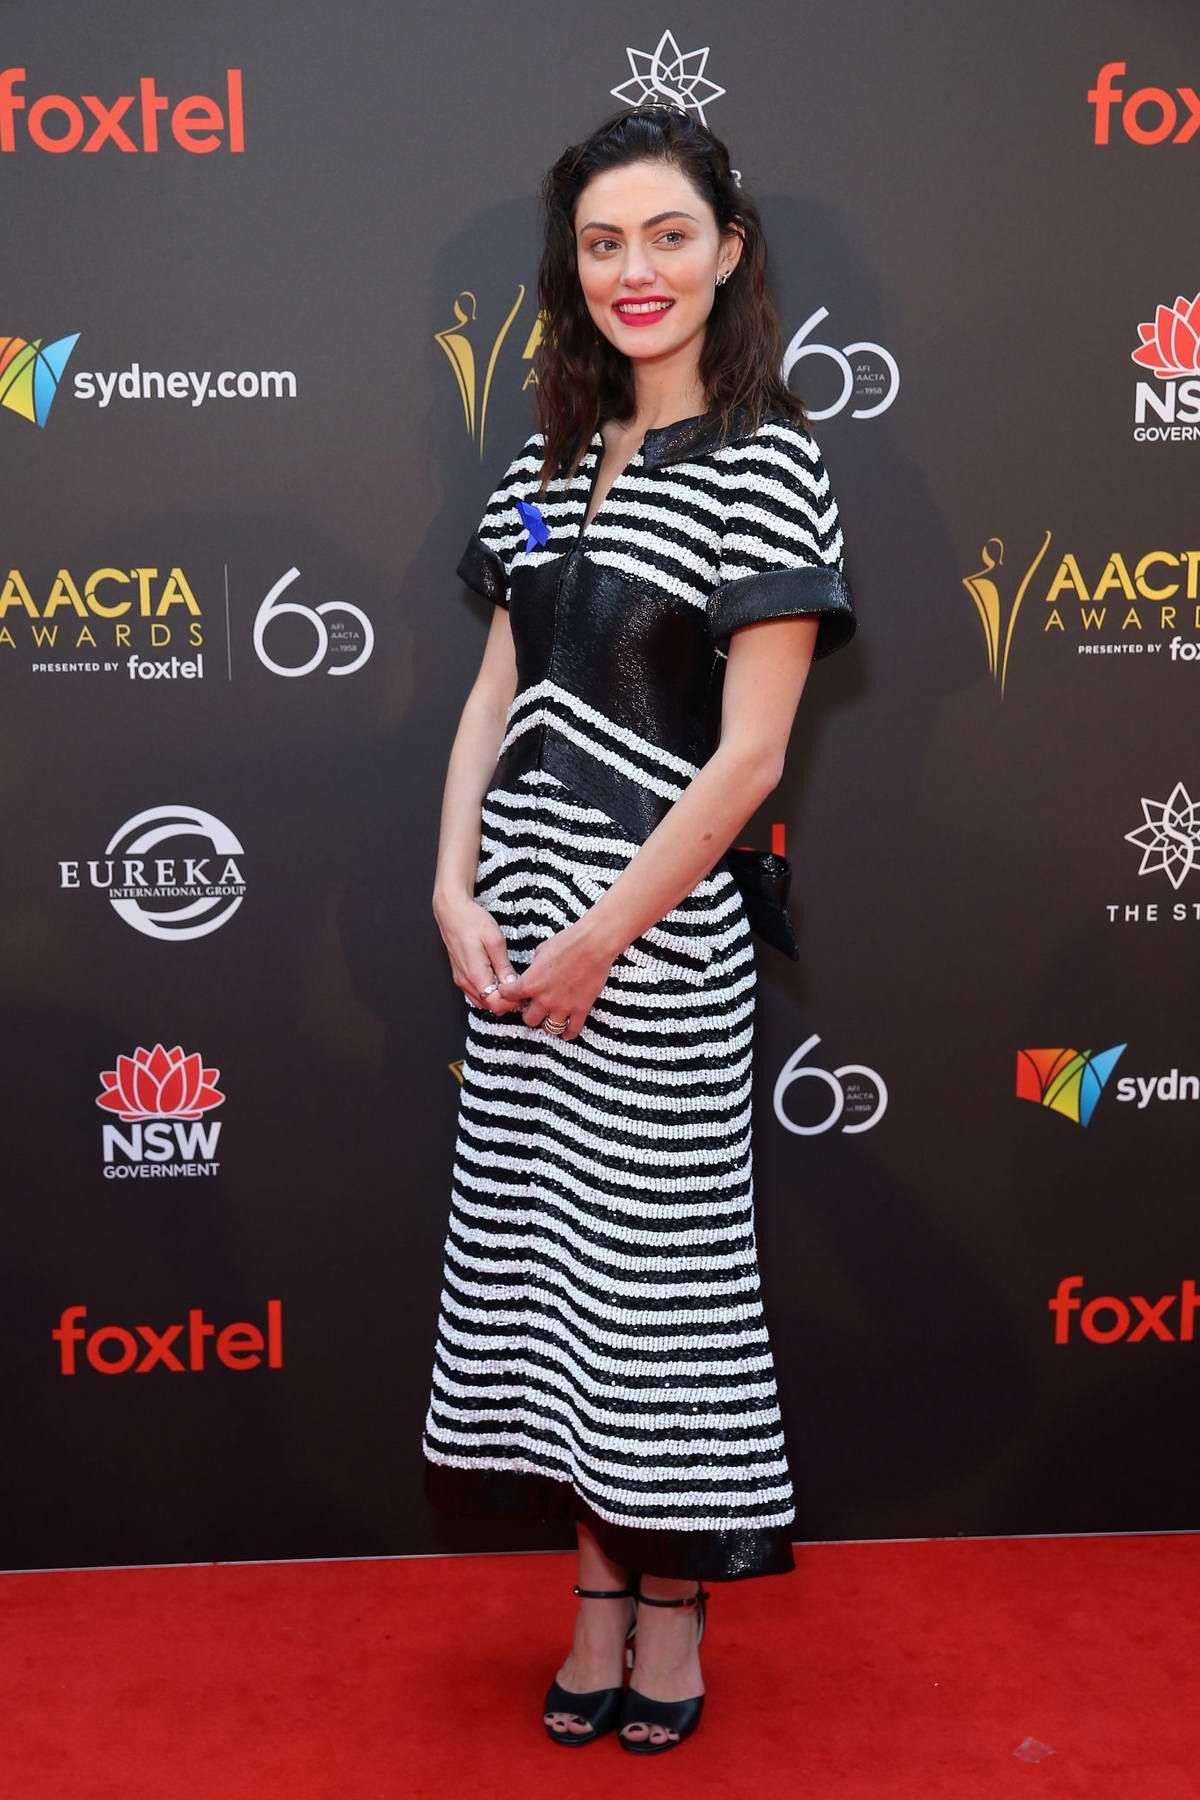 Phoebe Tonkin attends the 2018 AACTA Awards in Sydney, Australia